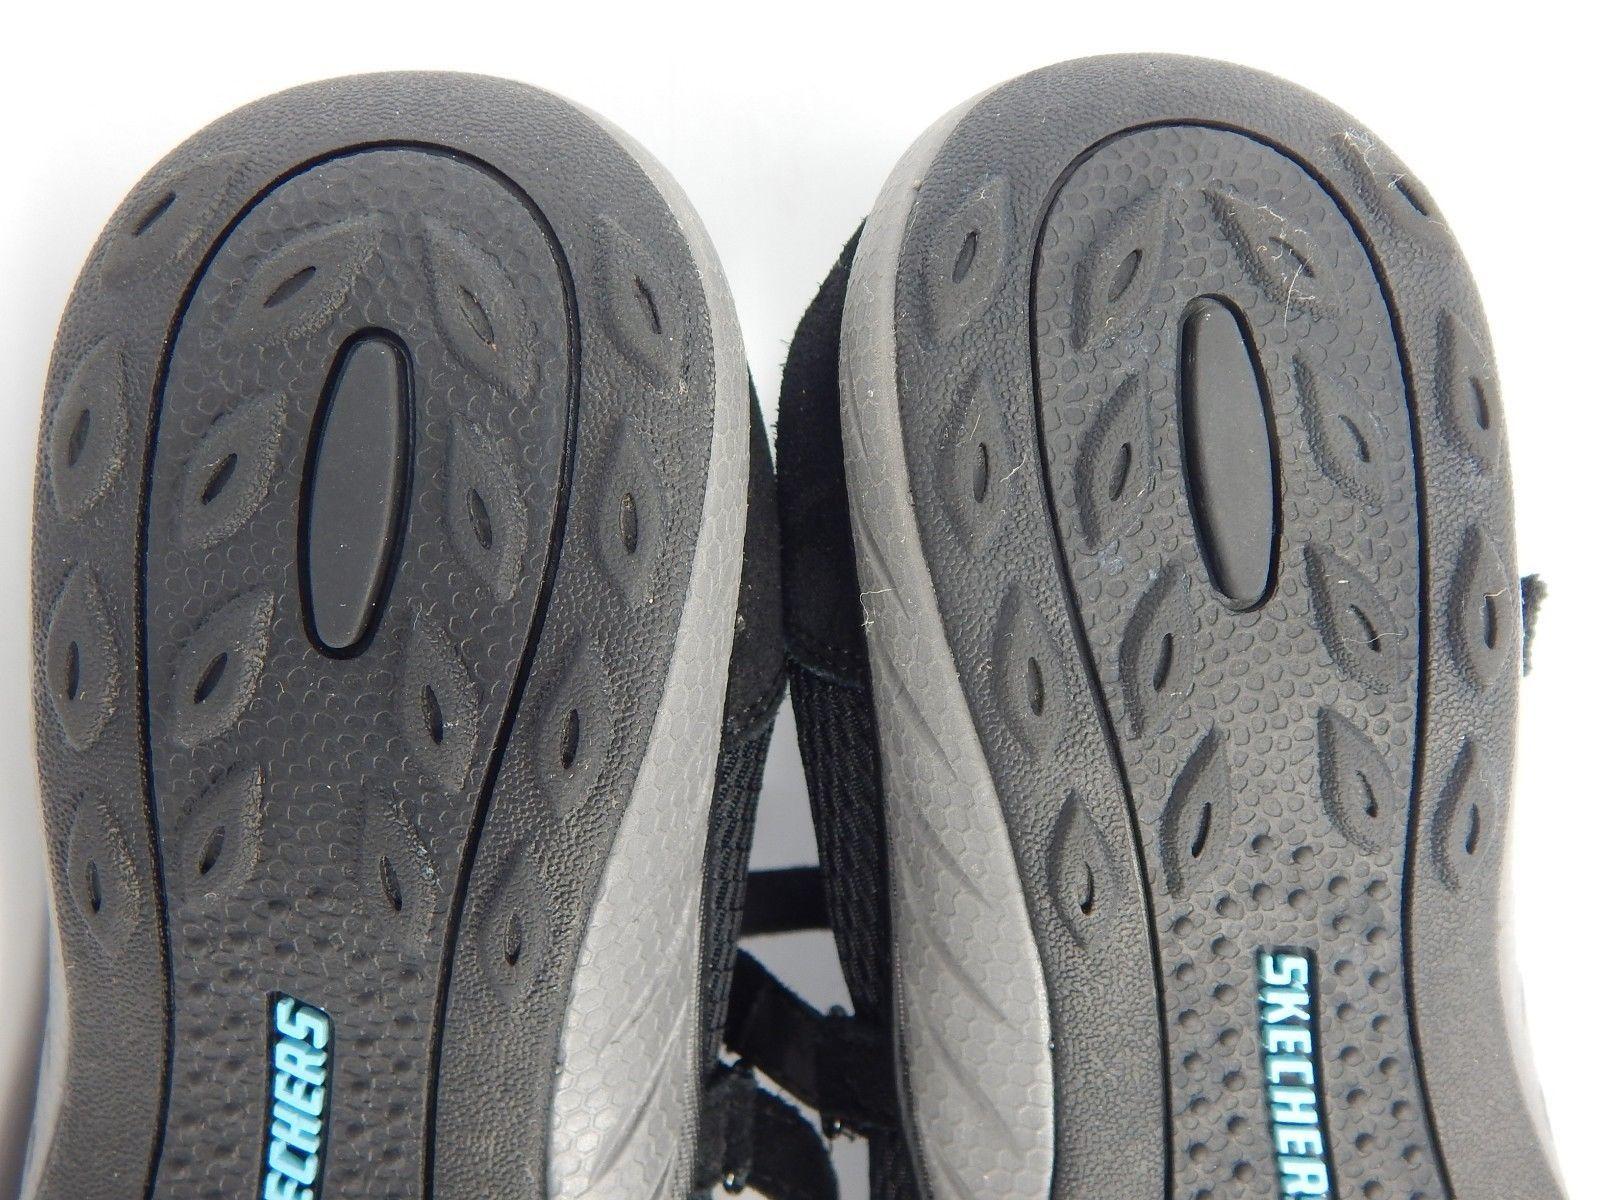 Skechers Relaxed Fit Memory Foam Size US 8.5 M (B) EU 38.5 Women's Slip On Flats